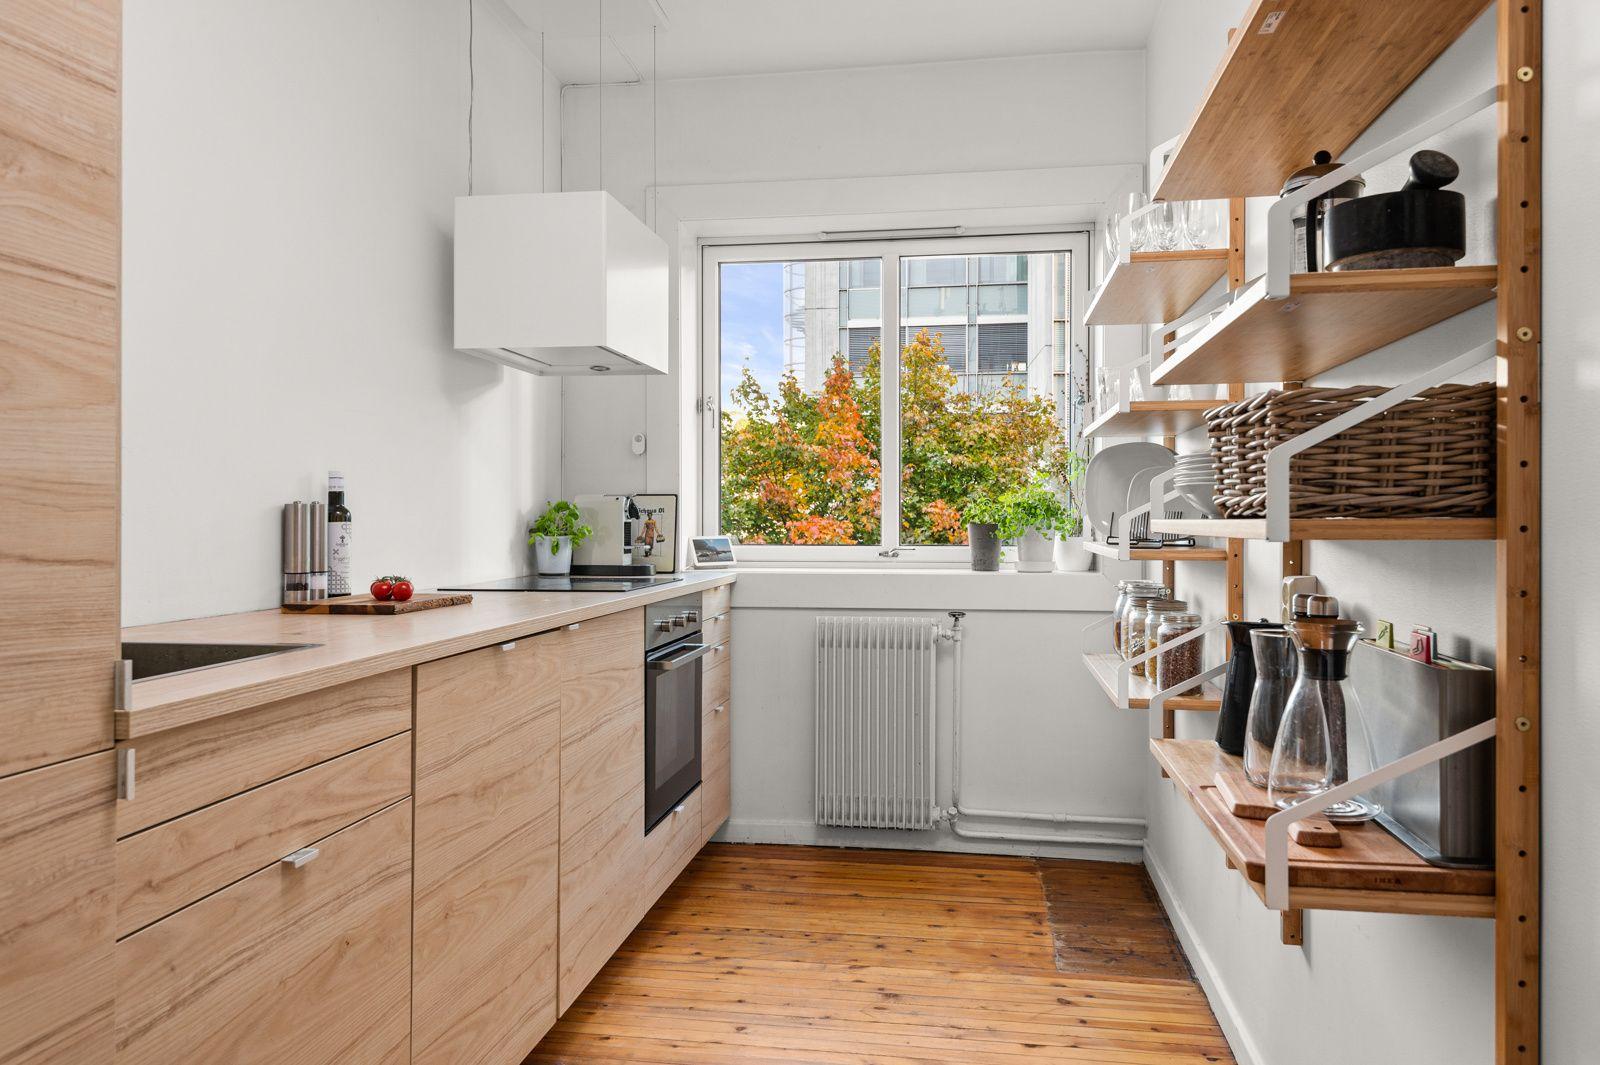 Sannergata 5C Kjøkkenet ligger separat fra stuen og har strukturerte fronter, laminat benkeplate og ellers god skap- og benkeplass.